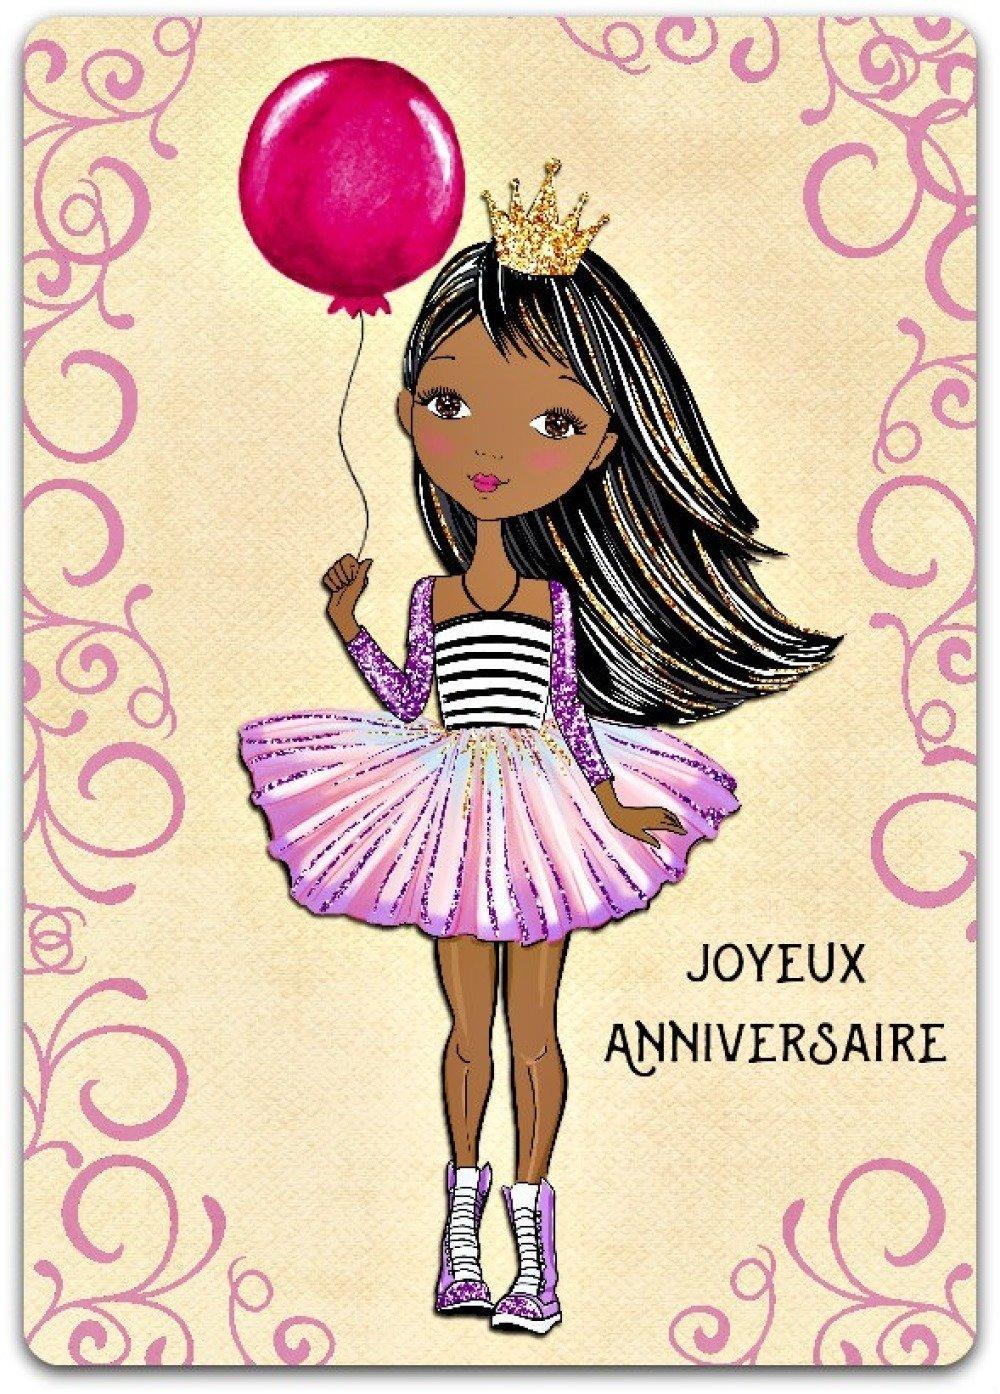 Carte De Voeux Joyeux Anniversaire Ballon Princesse Fille 125cm X 175cm